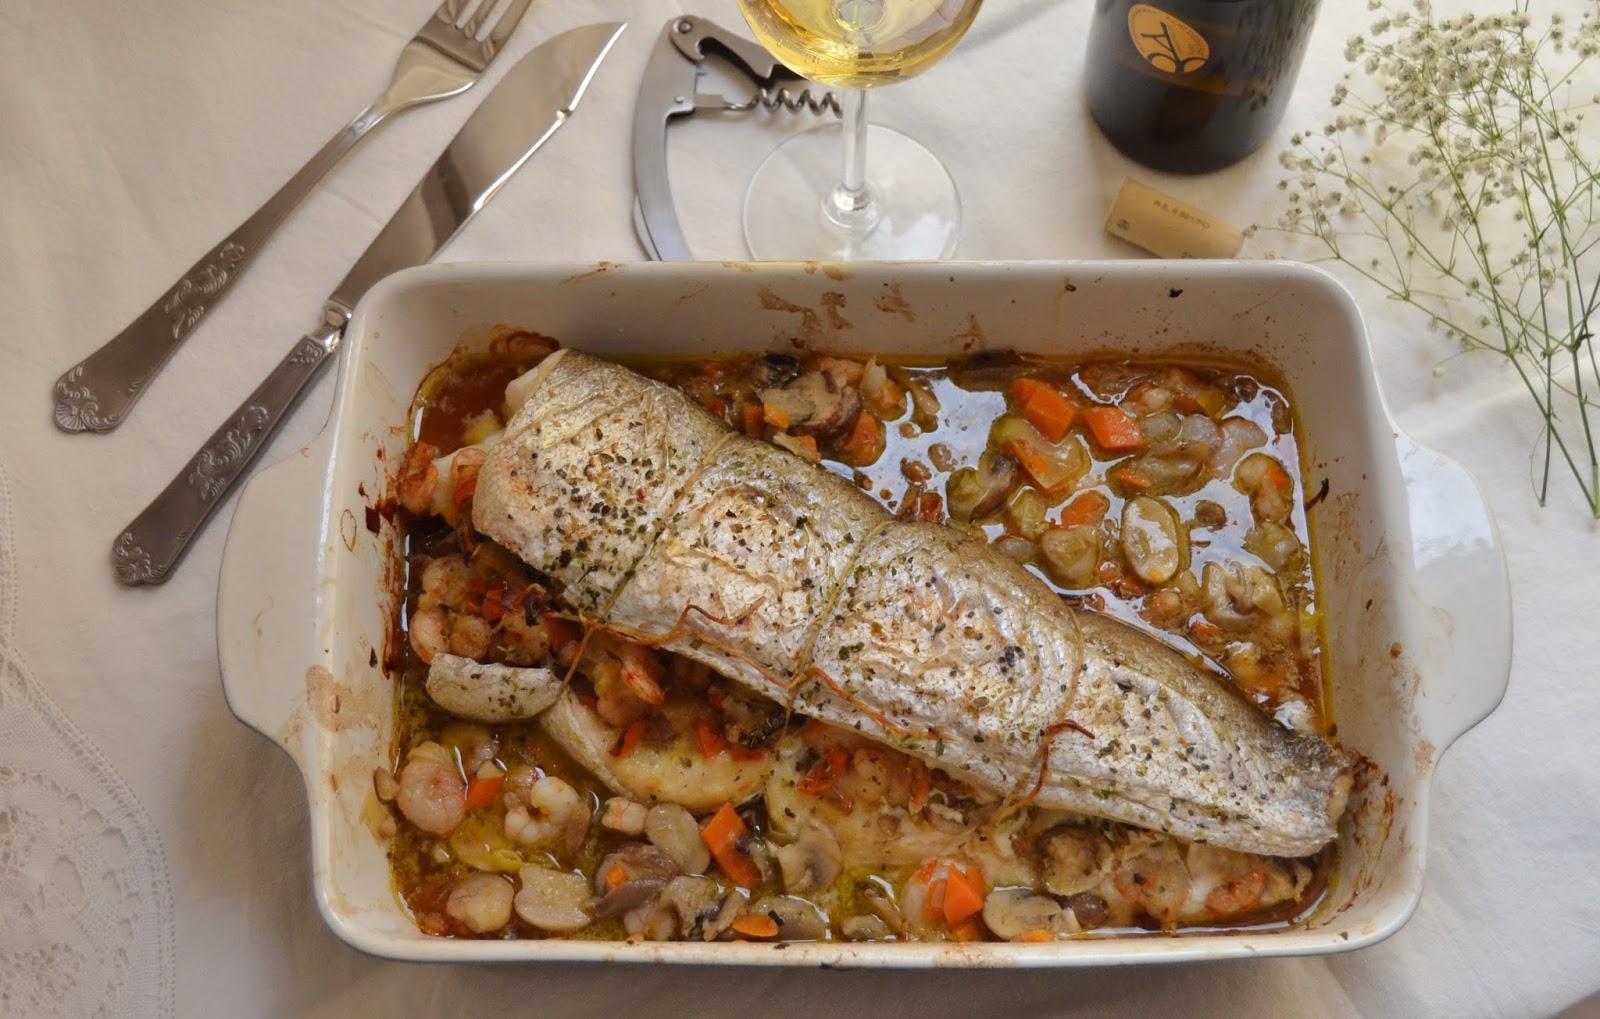 Merluza rellena al horno cuchillito y tenedor - Merluza rellena de marisco al horno ...